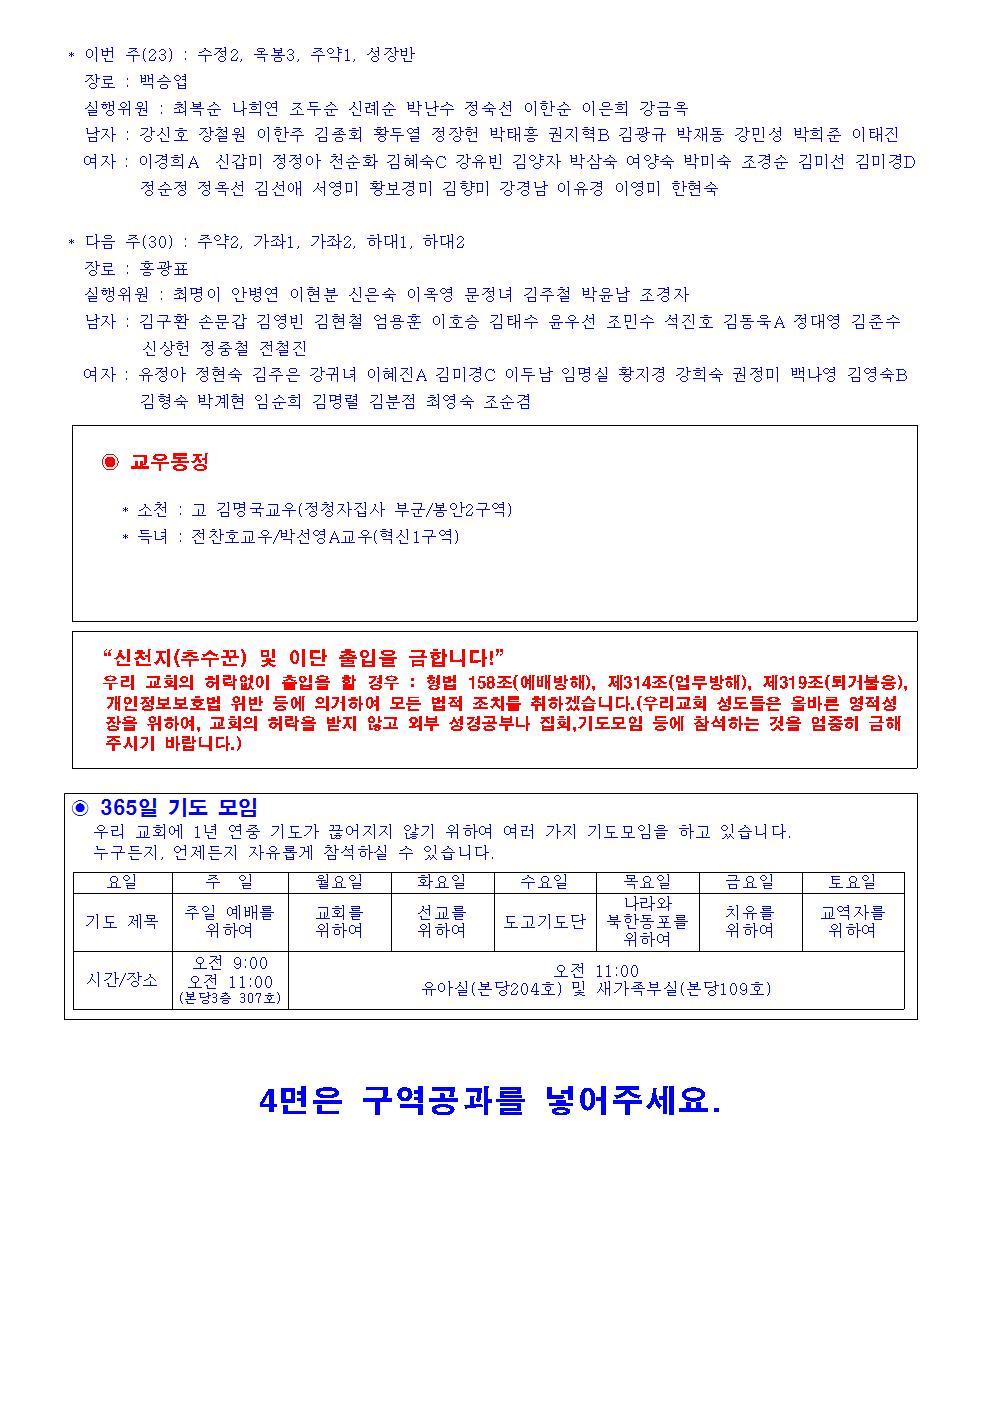 2017년 7월 23일 교회소식002.jpg